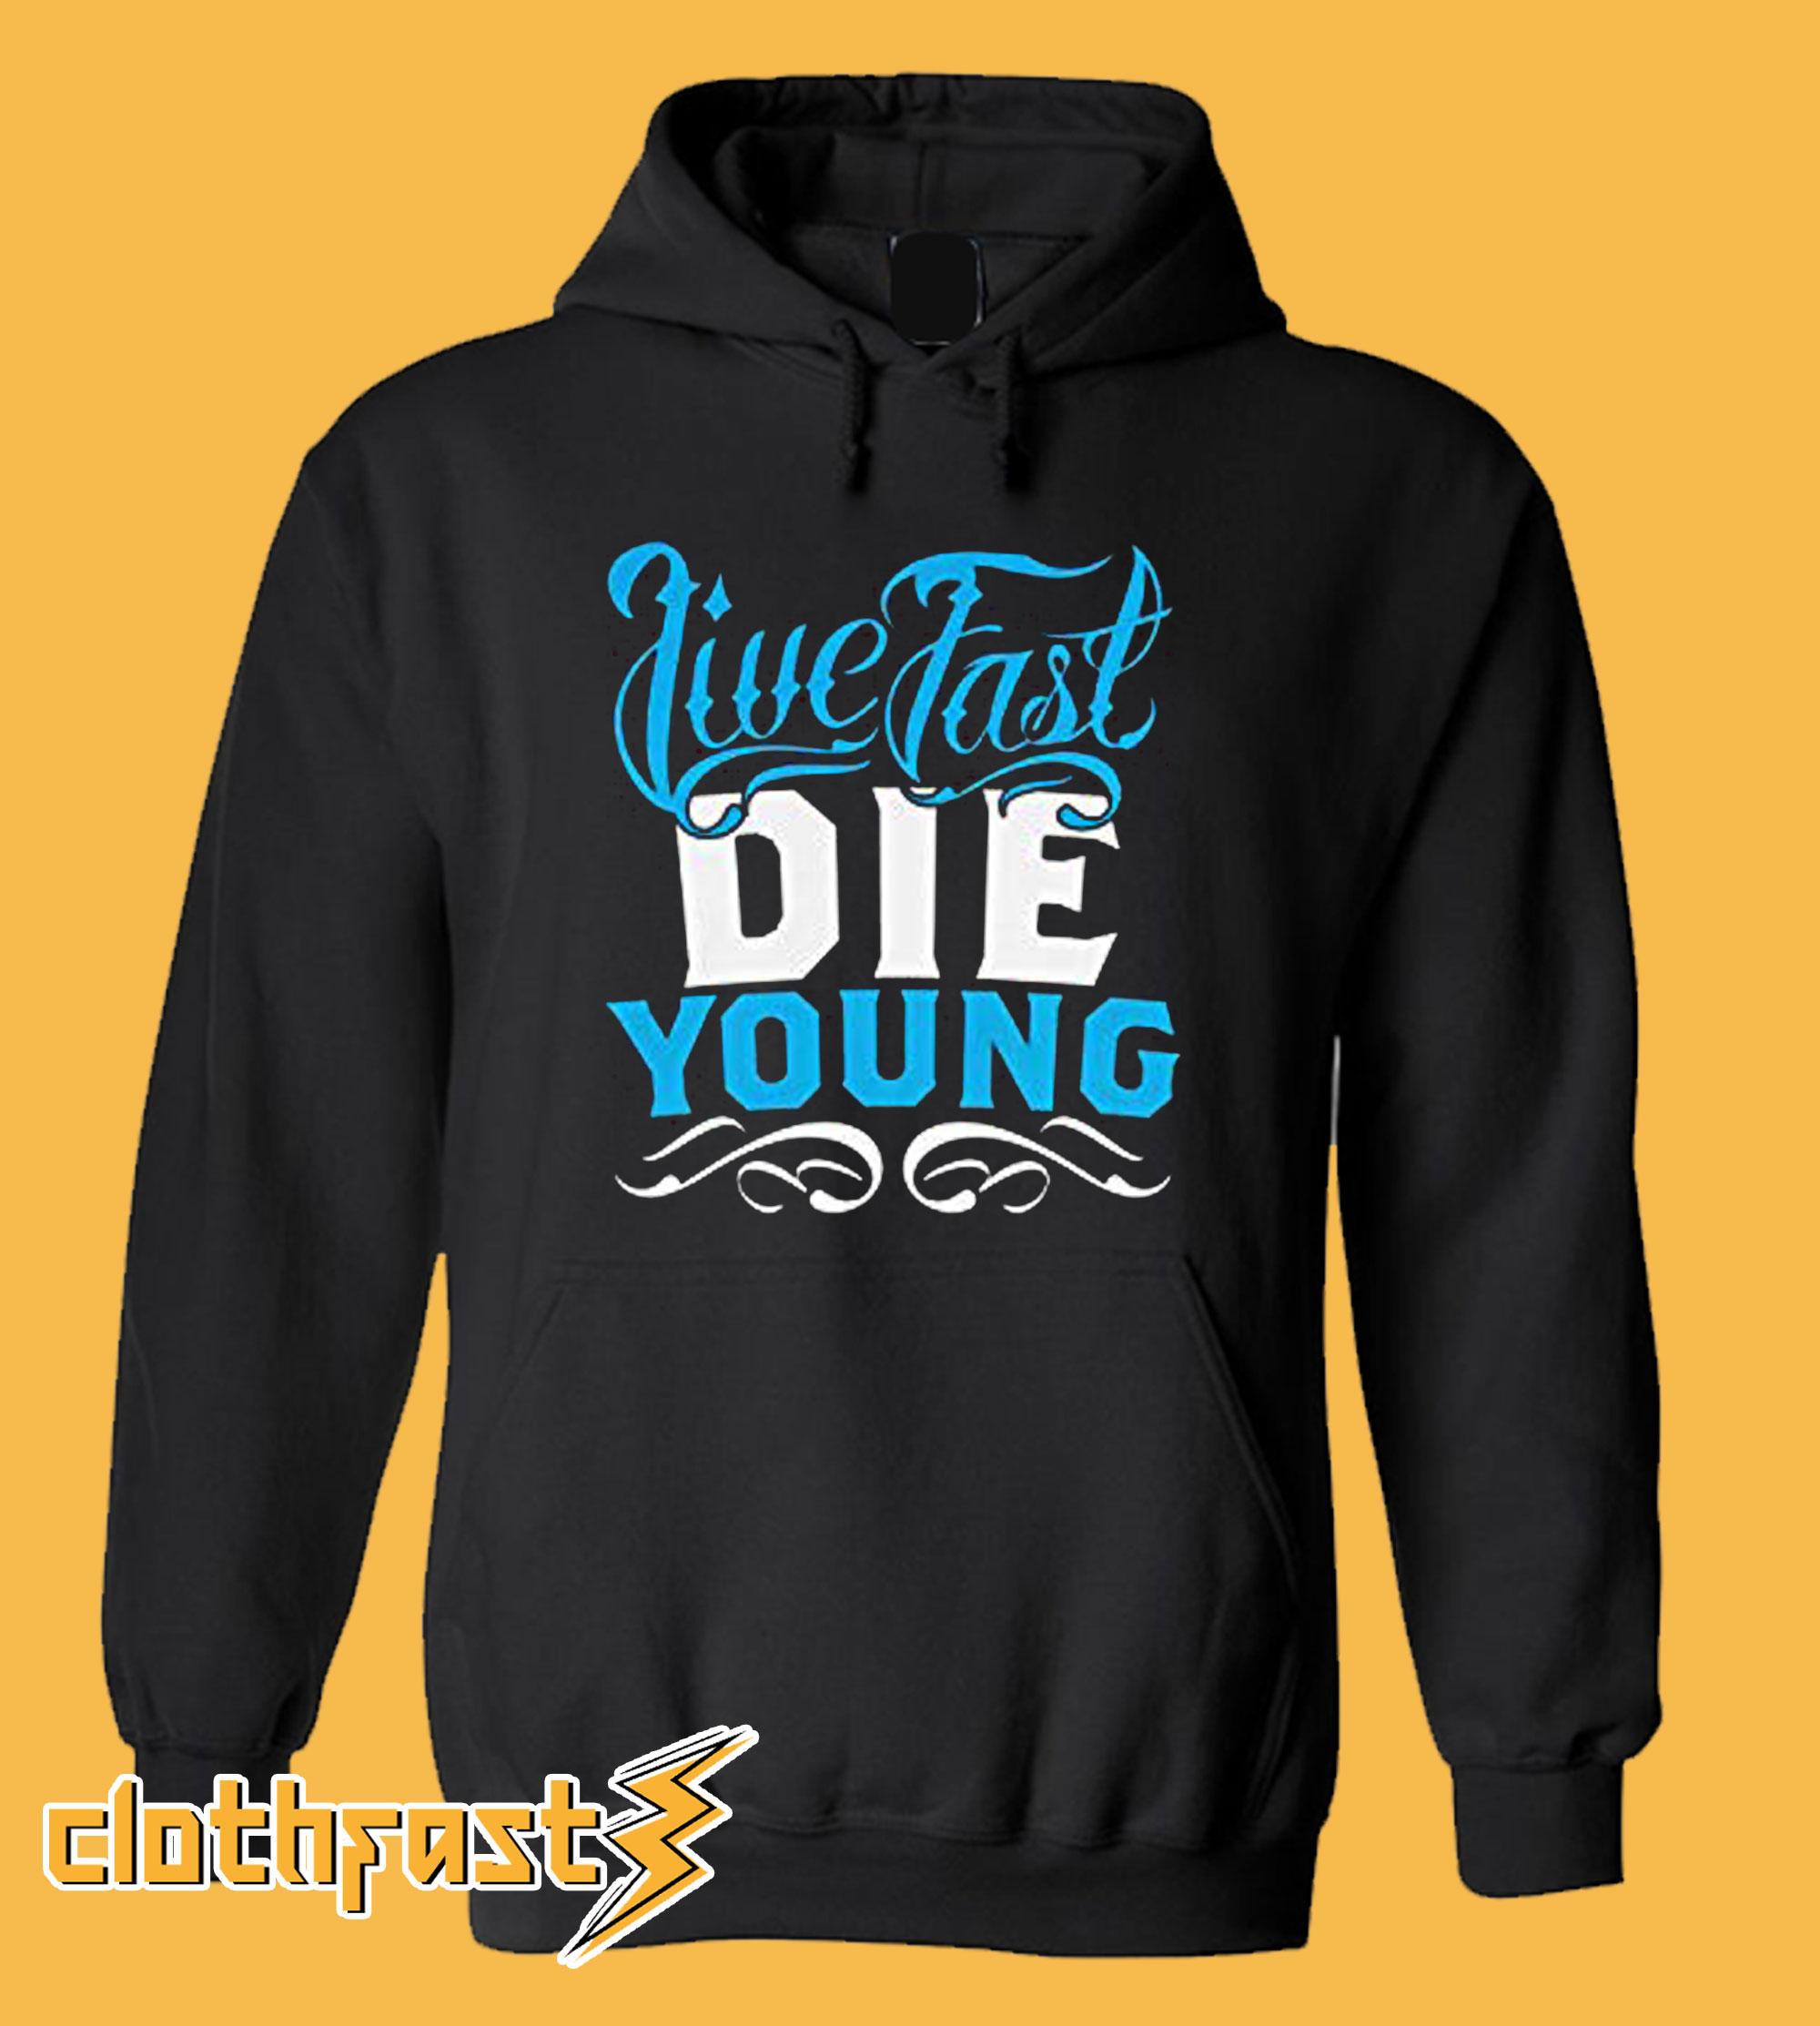 Live Fast Die Young Hoodie